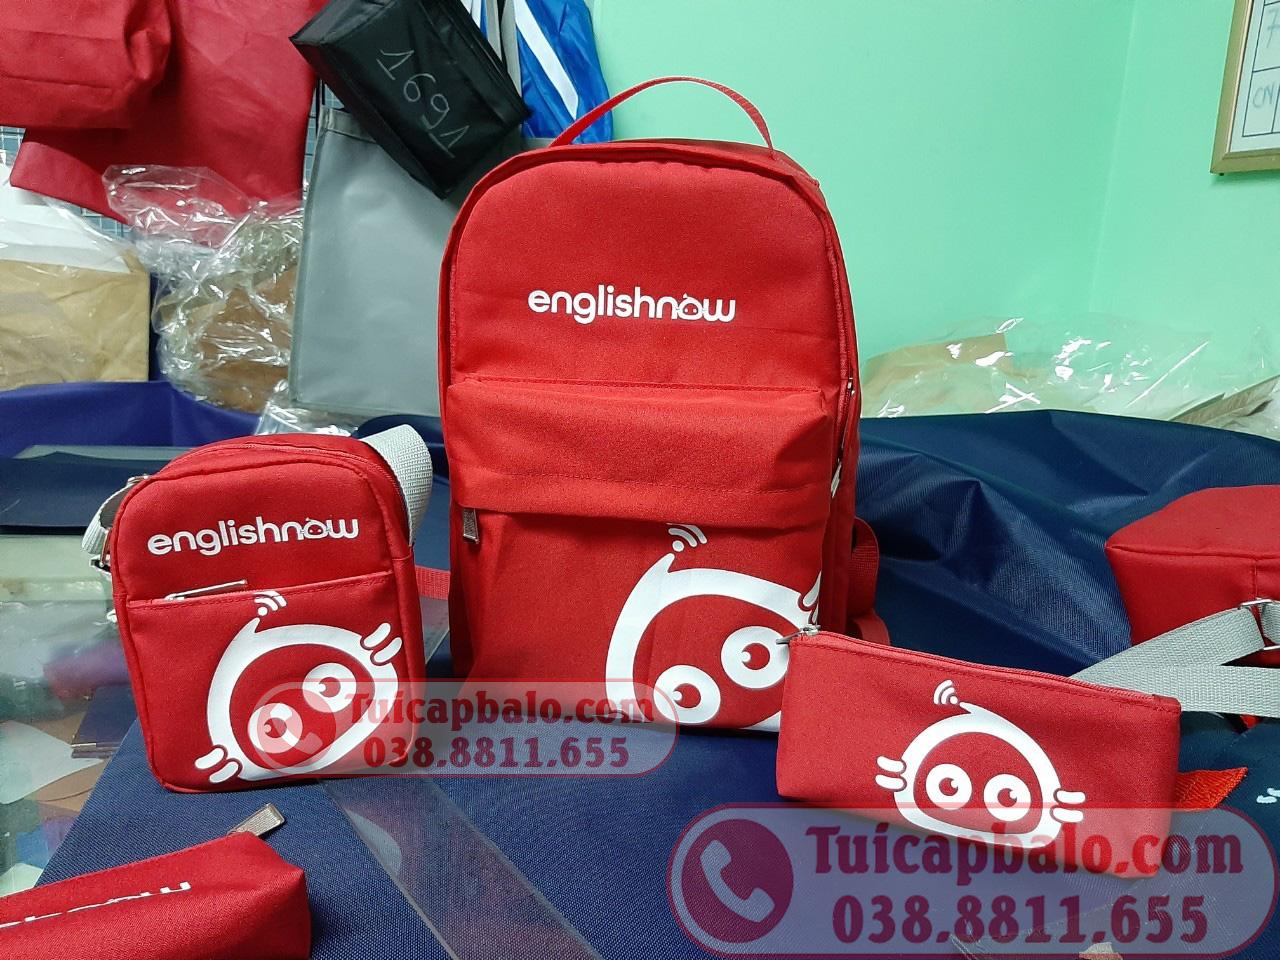 Sản xuất bộ balo túi bút, túi chéo quà tặng trung tâm Englishnow